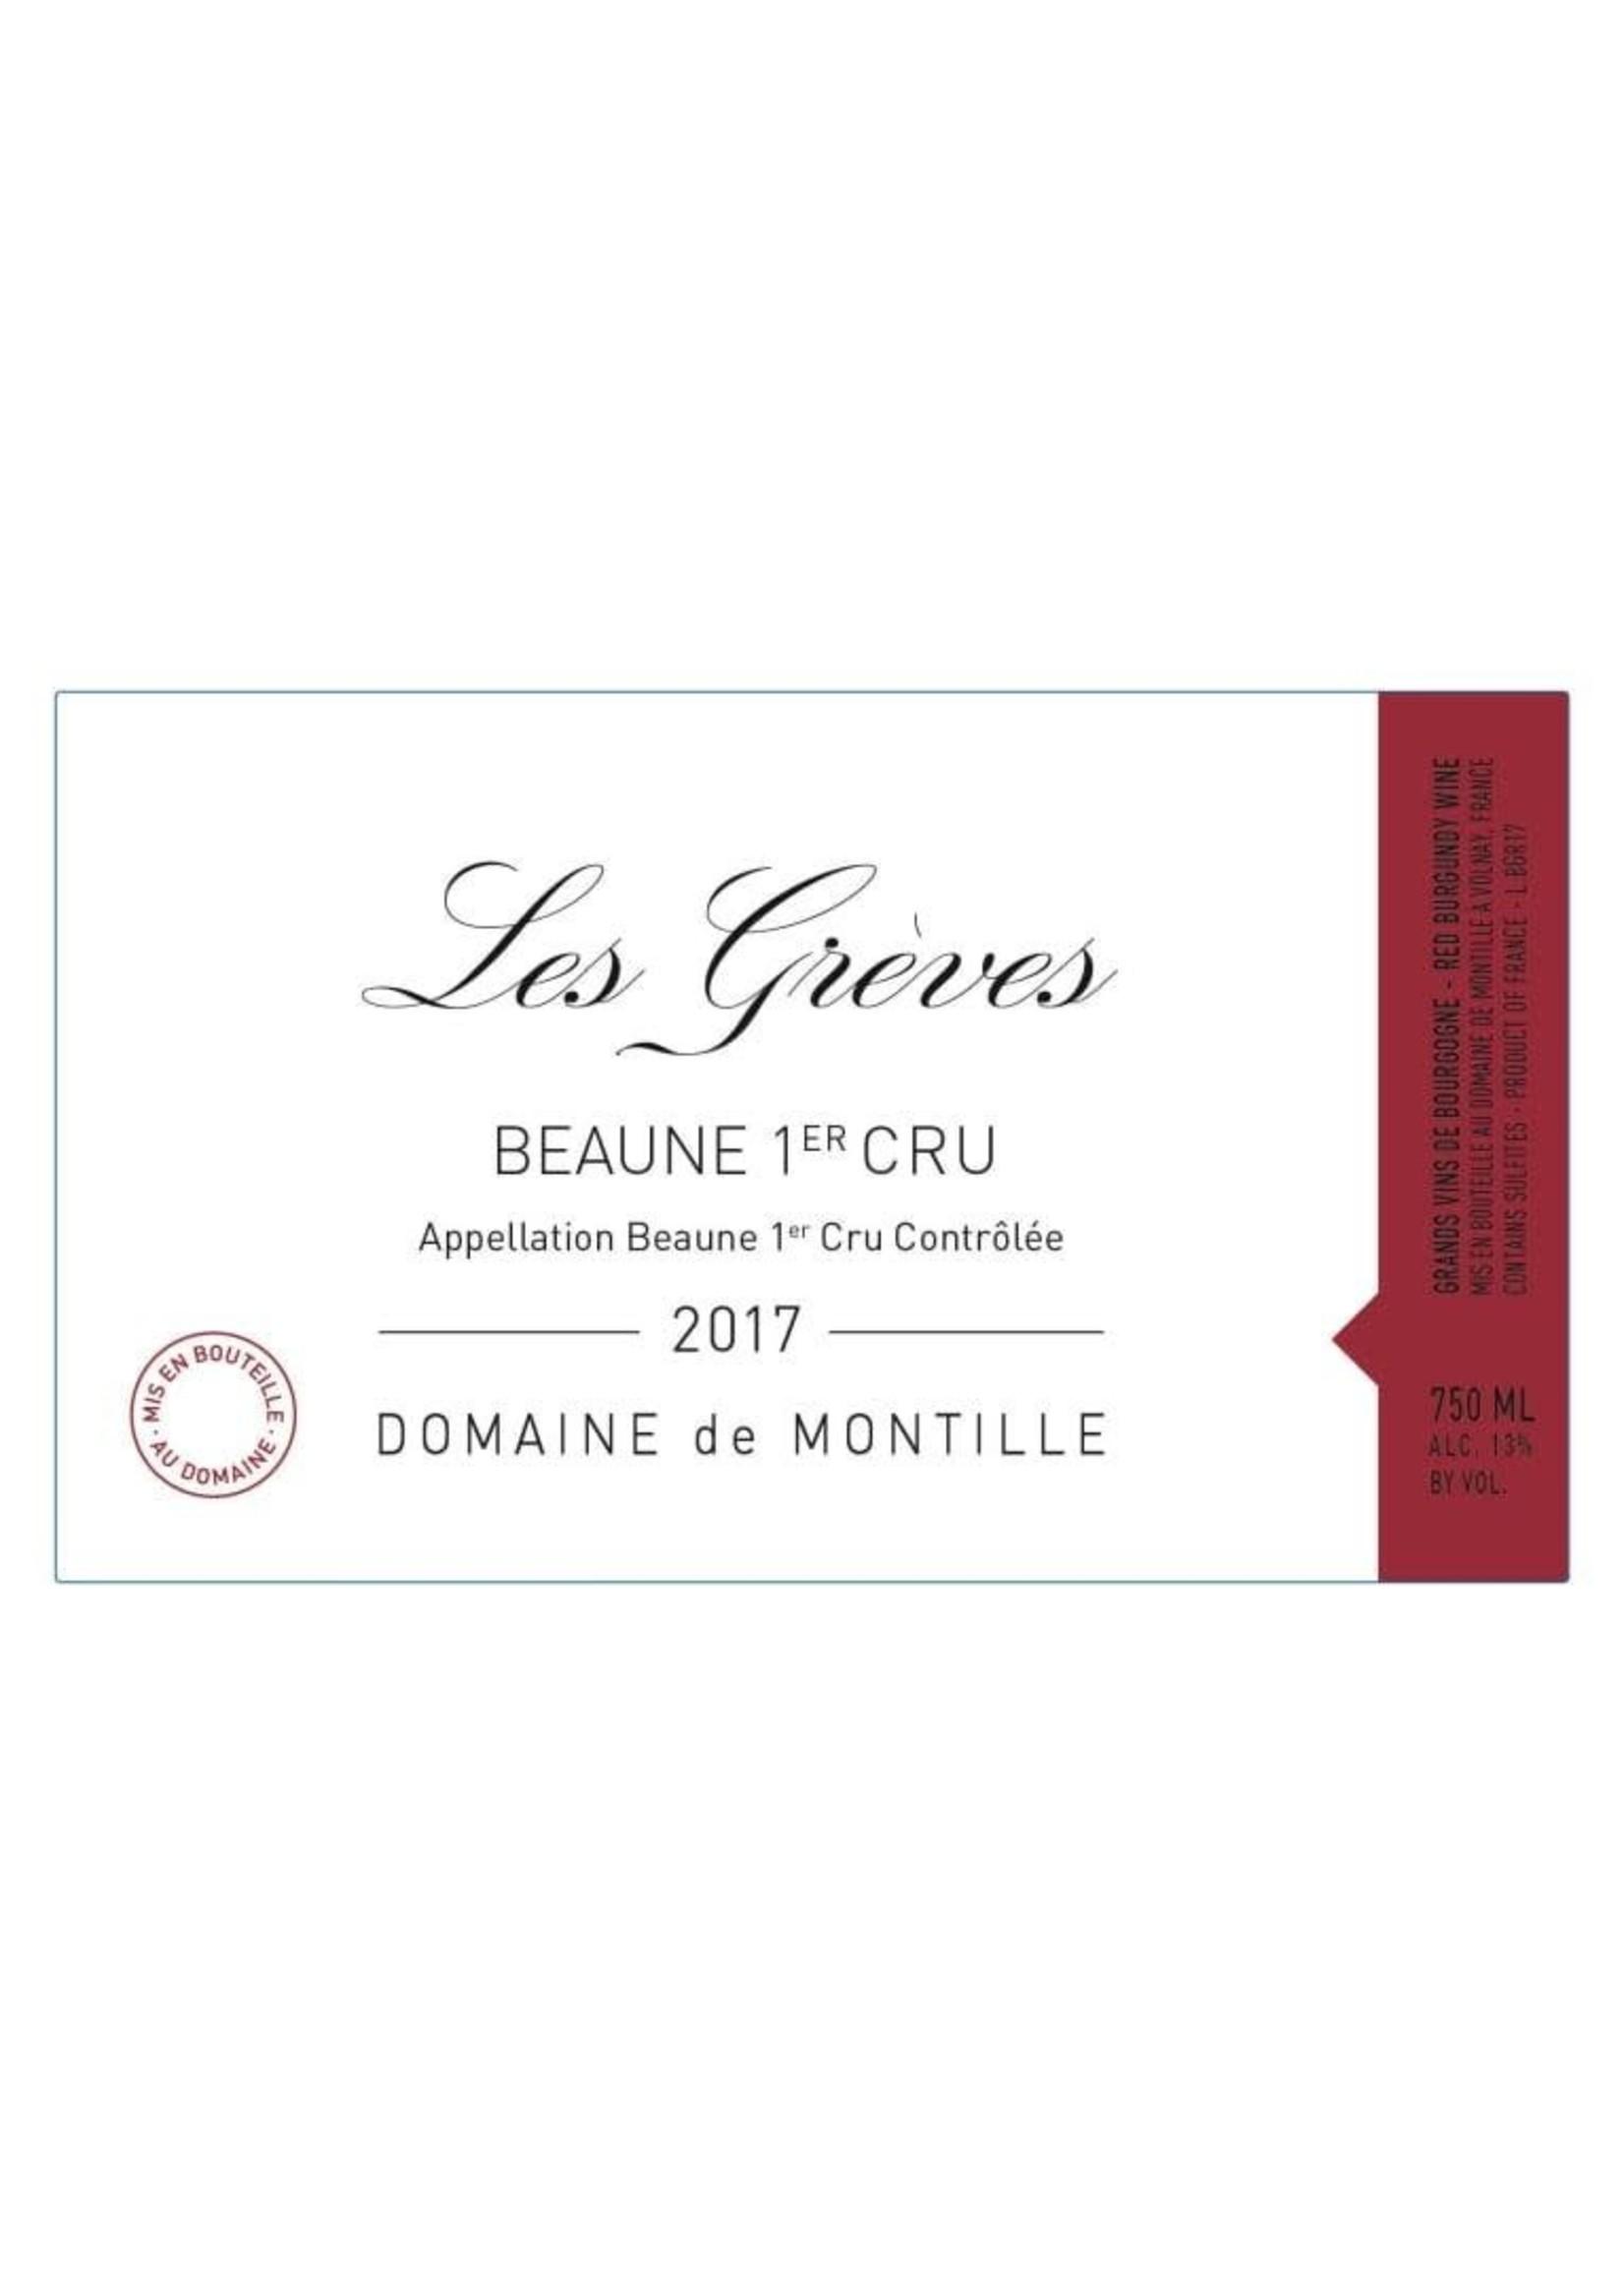 Domaine de Montille Domaine de Montille / Beaune 1er Cru Les Grèves (2017) / 750mL